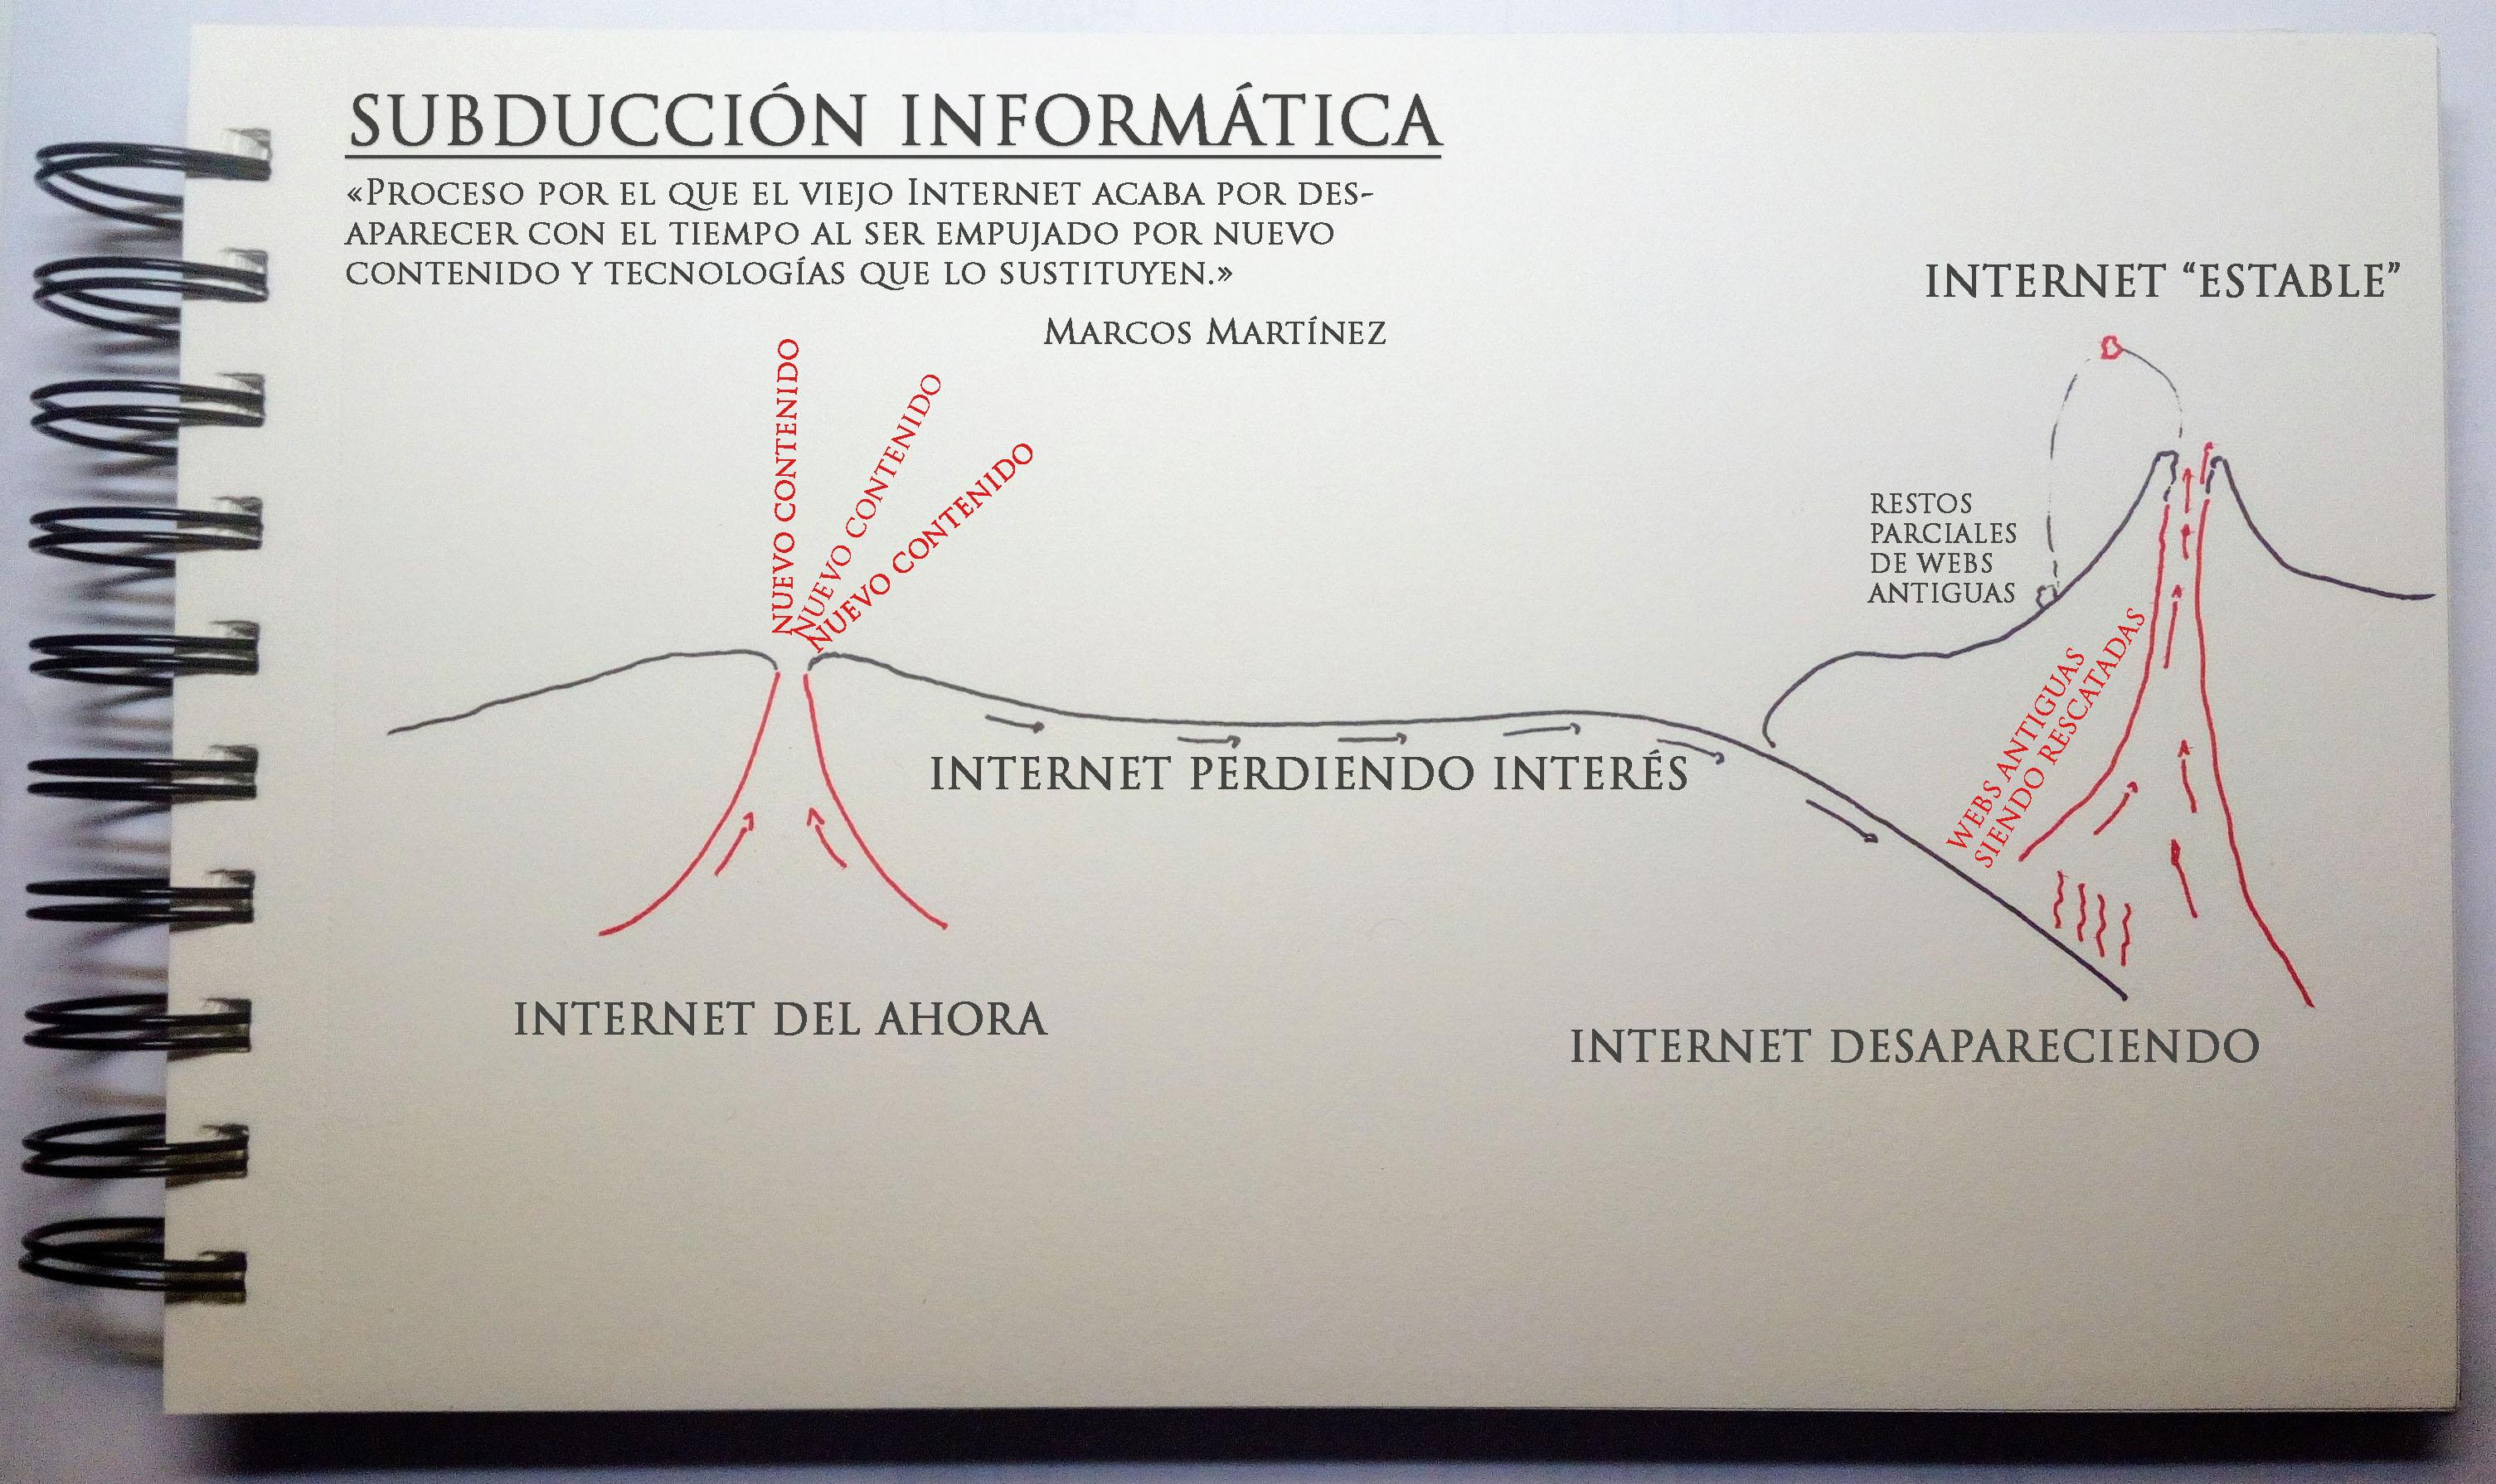 definicion-de-subduccion-informatica